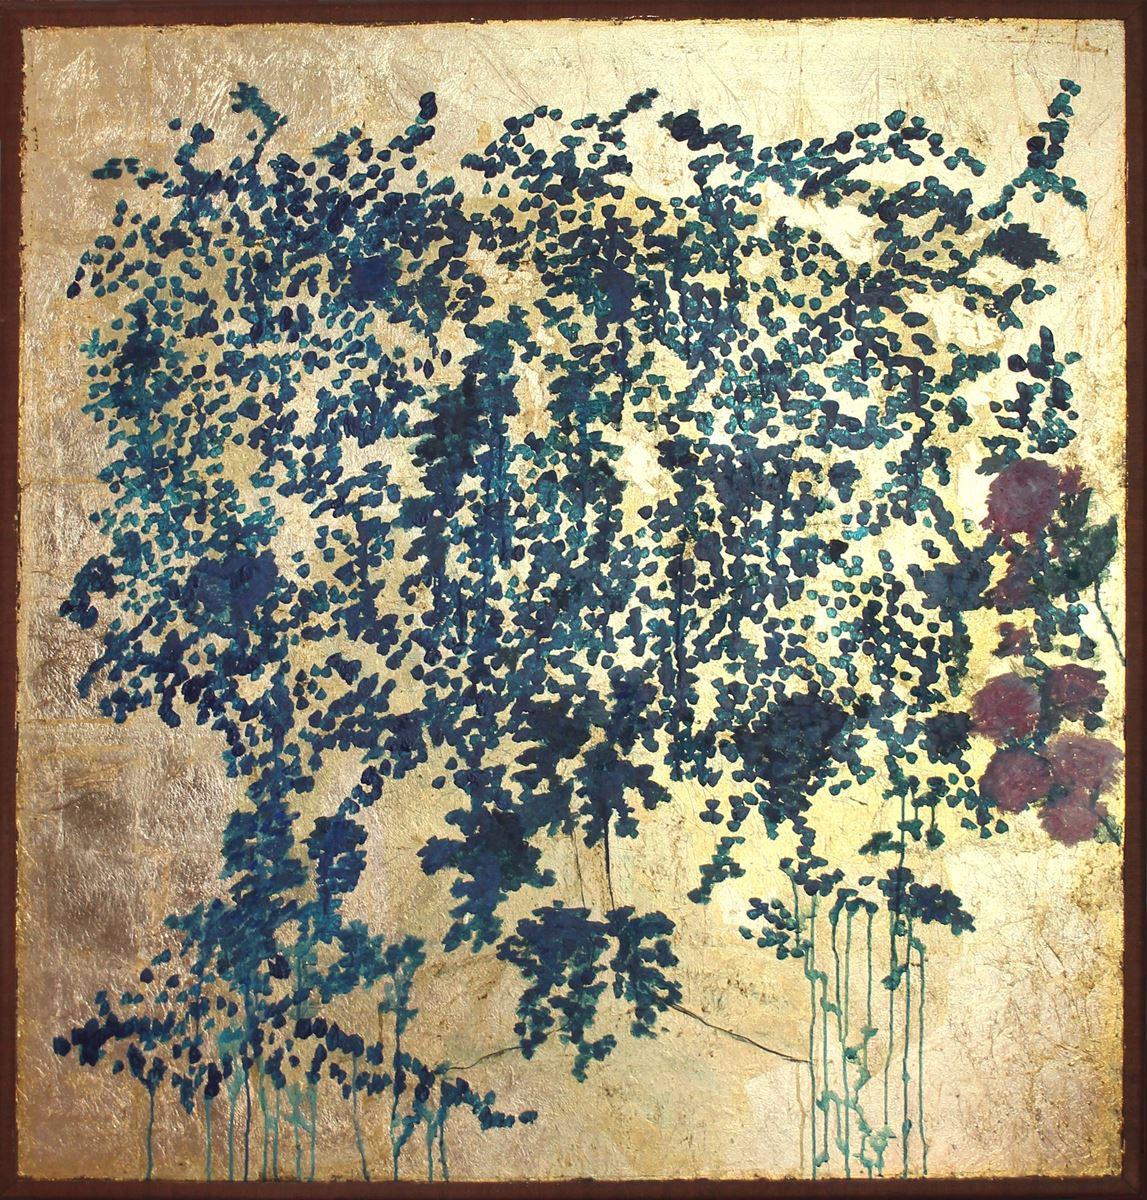 Jardin japonais. Technique mixte sur bois. 134 x 129 cm